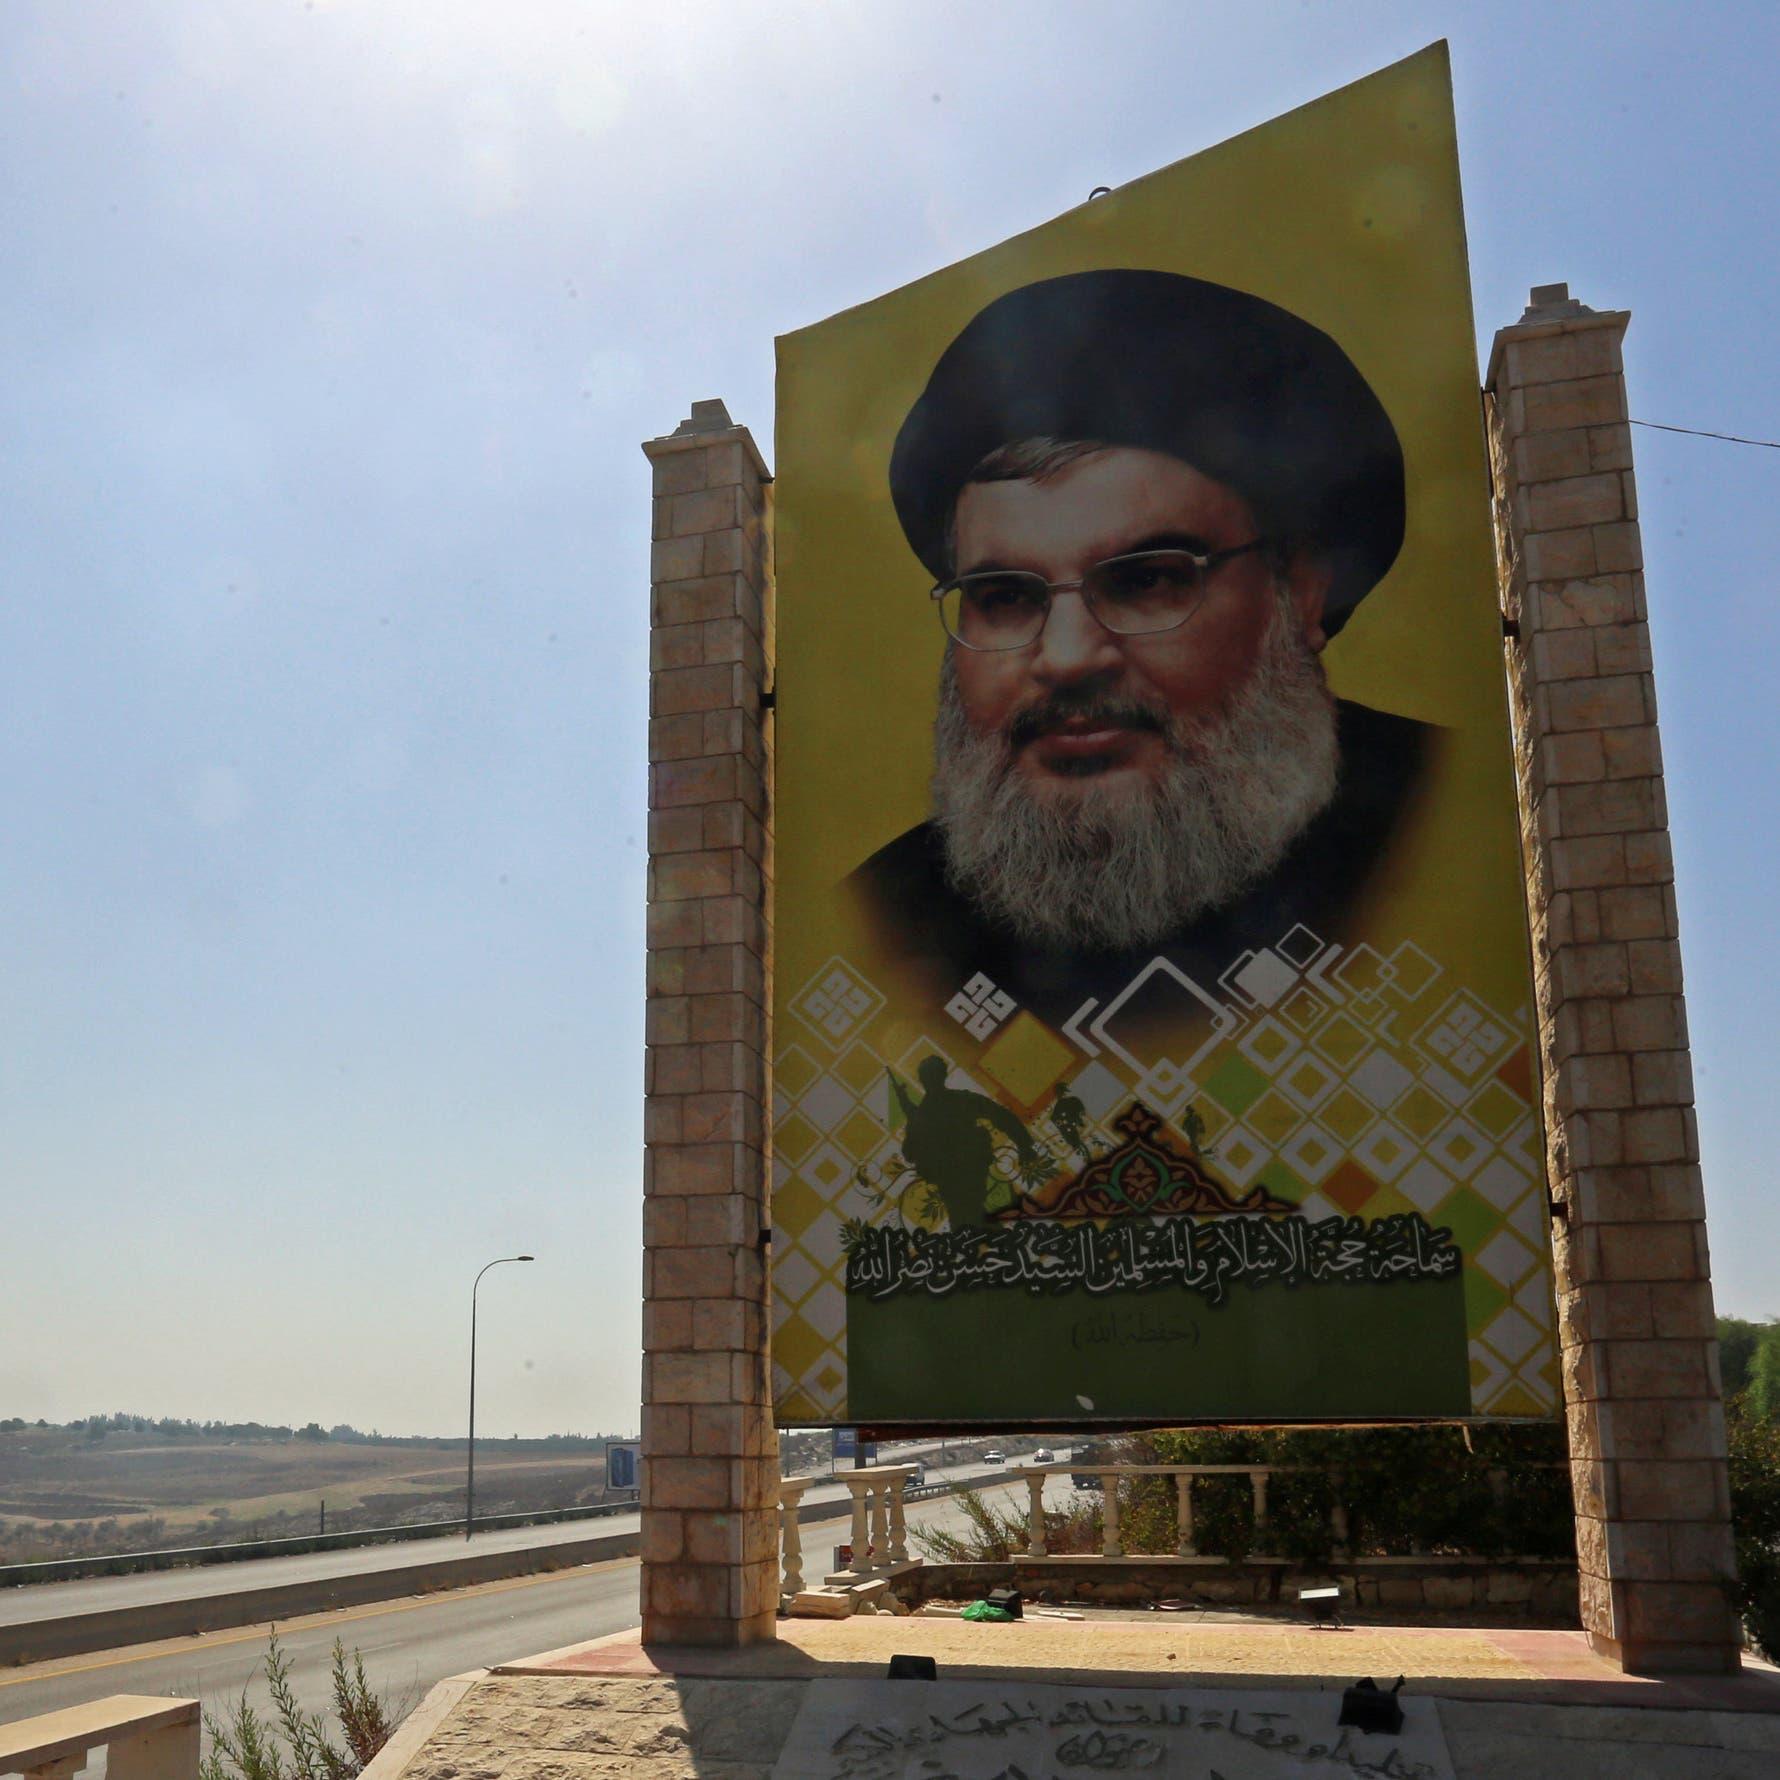 بنك حزب الله الأسود.. تحركات وخطط مريبة في لبنان